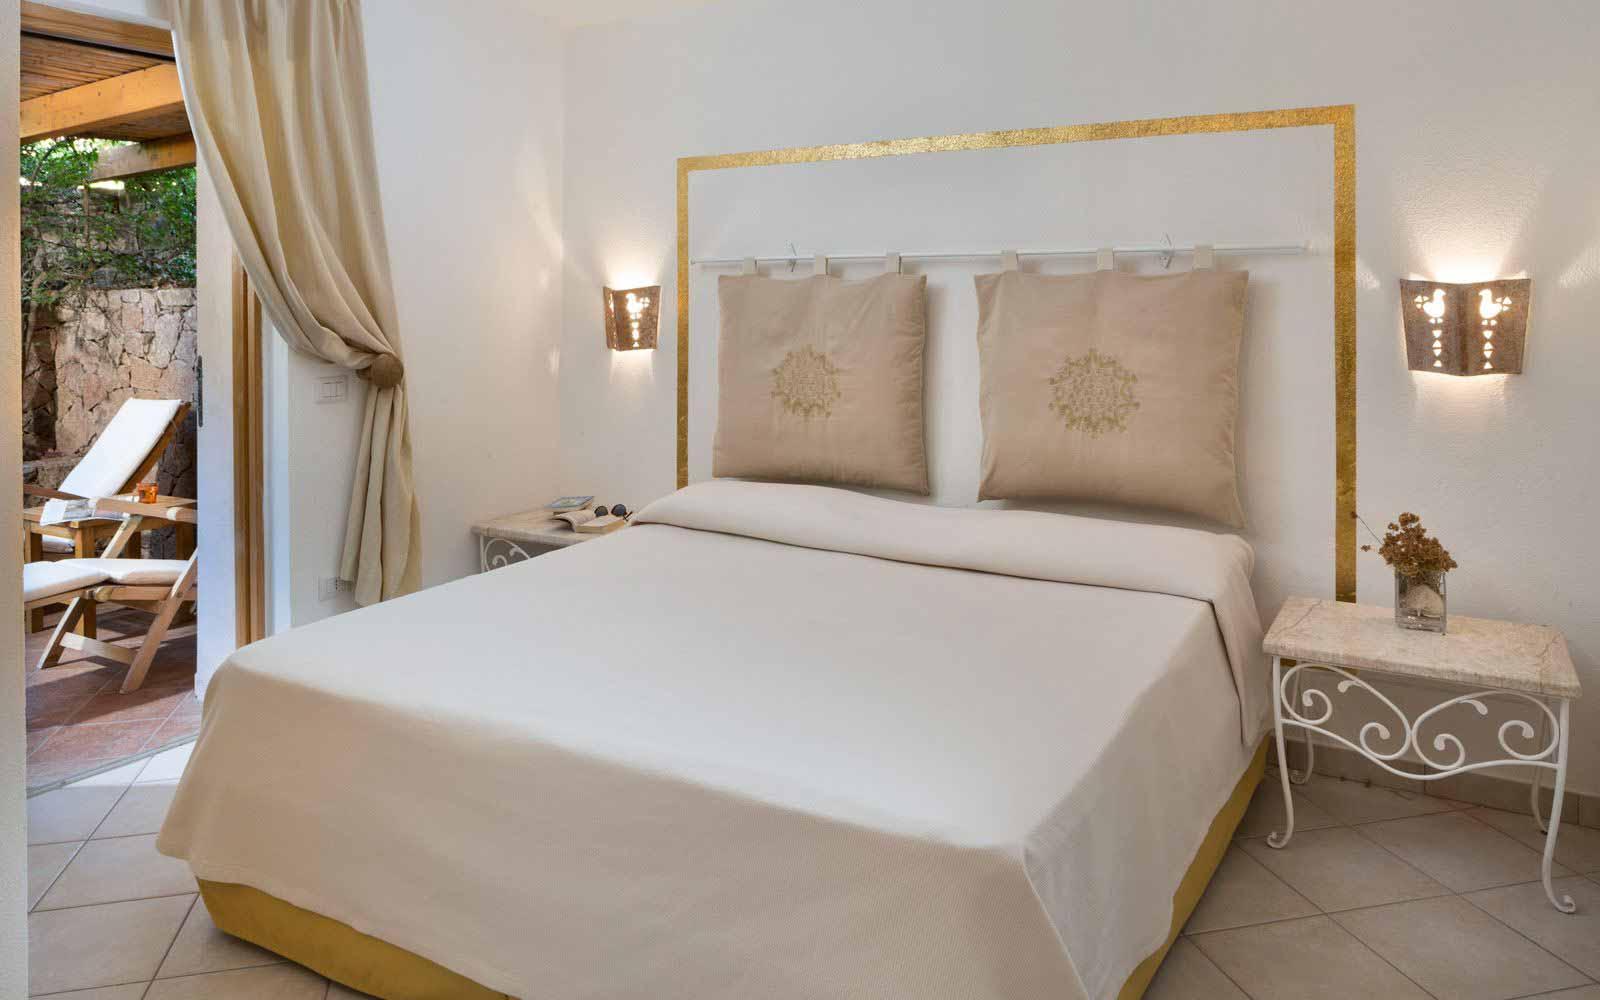 Double bedroom at Torreruja Villas